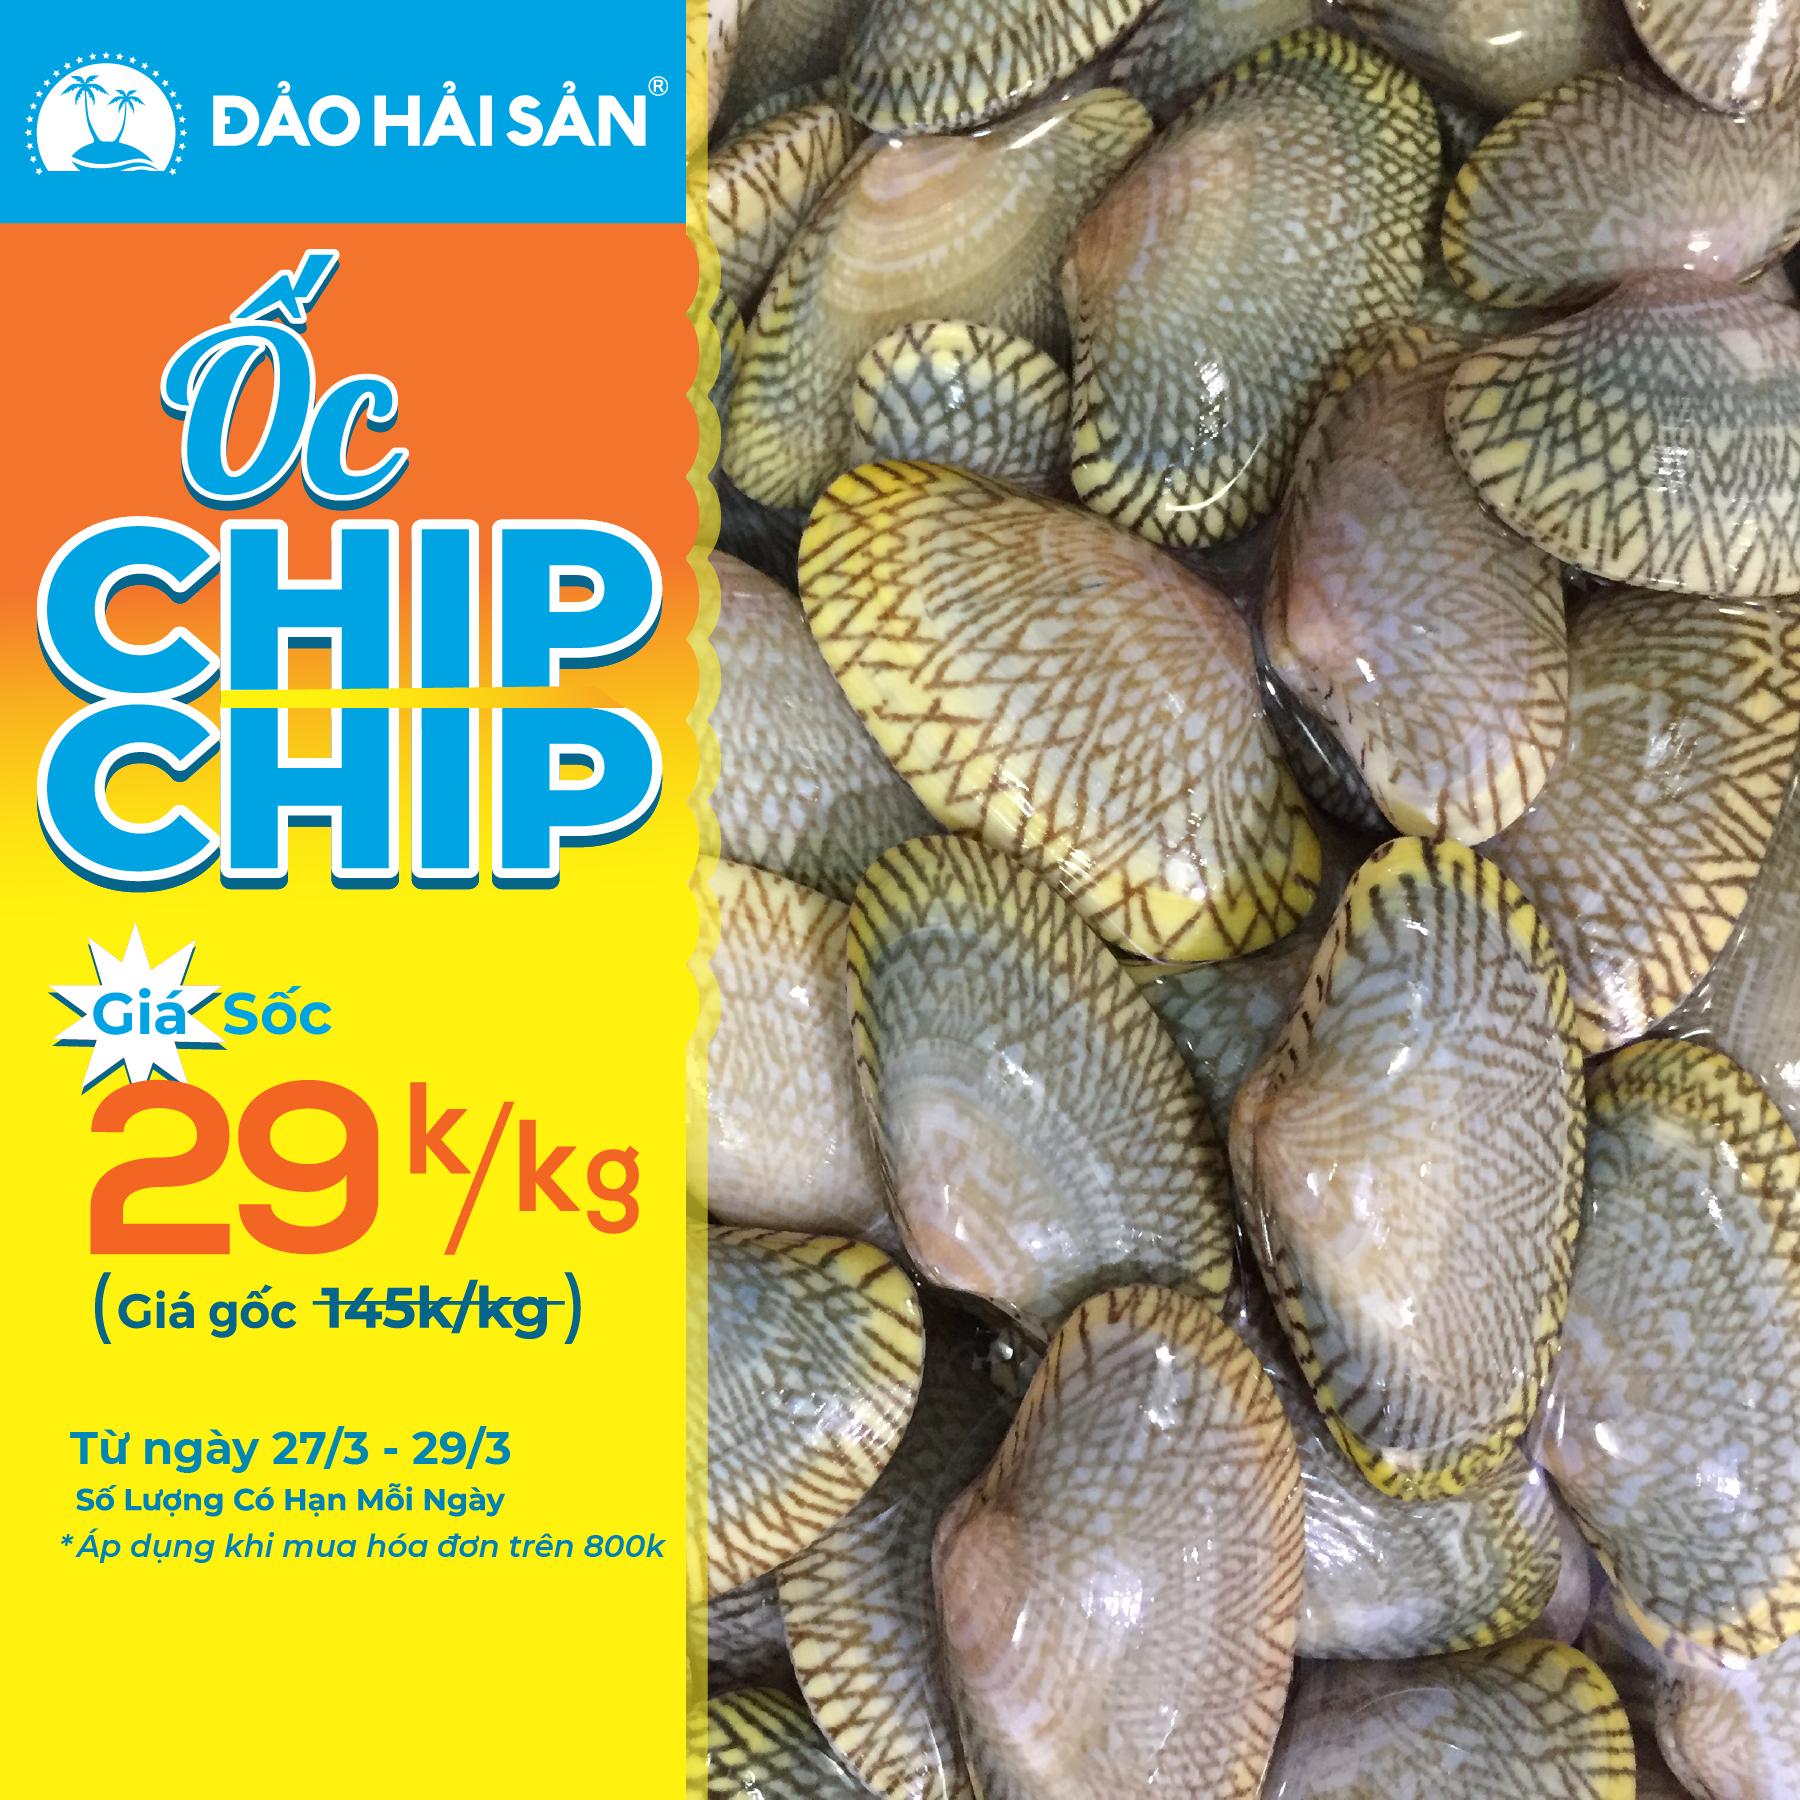 Chương Trình Khuyến Mãi Ốc Chip Chip 29k/kg